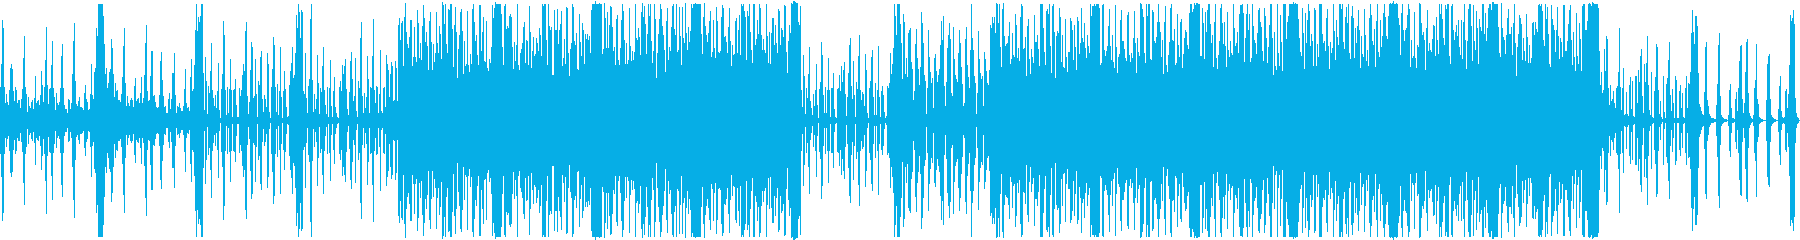 K-pop 洋楽 ポップ EDMの再生済みの波形